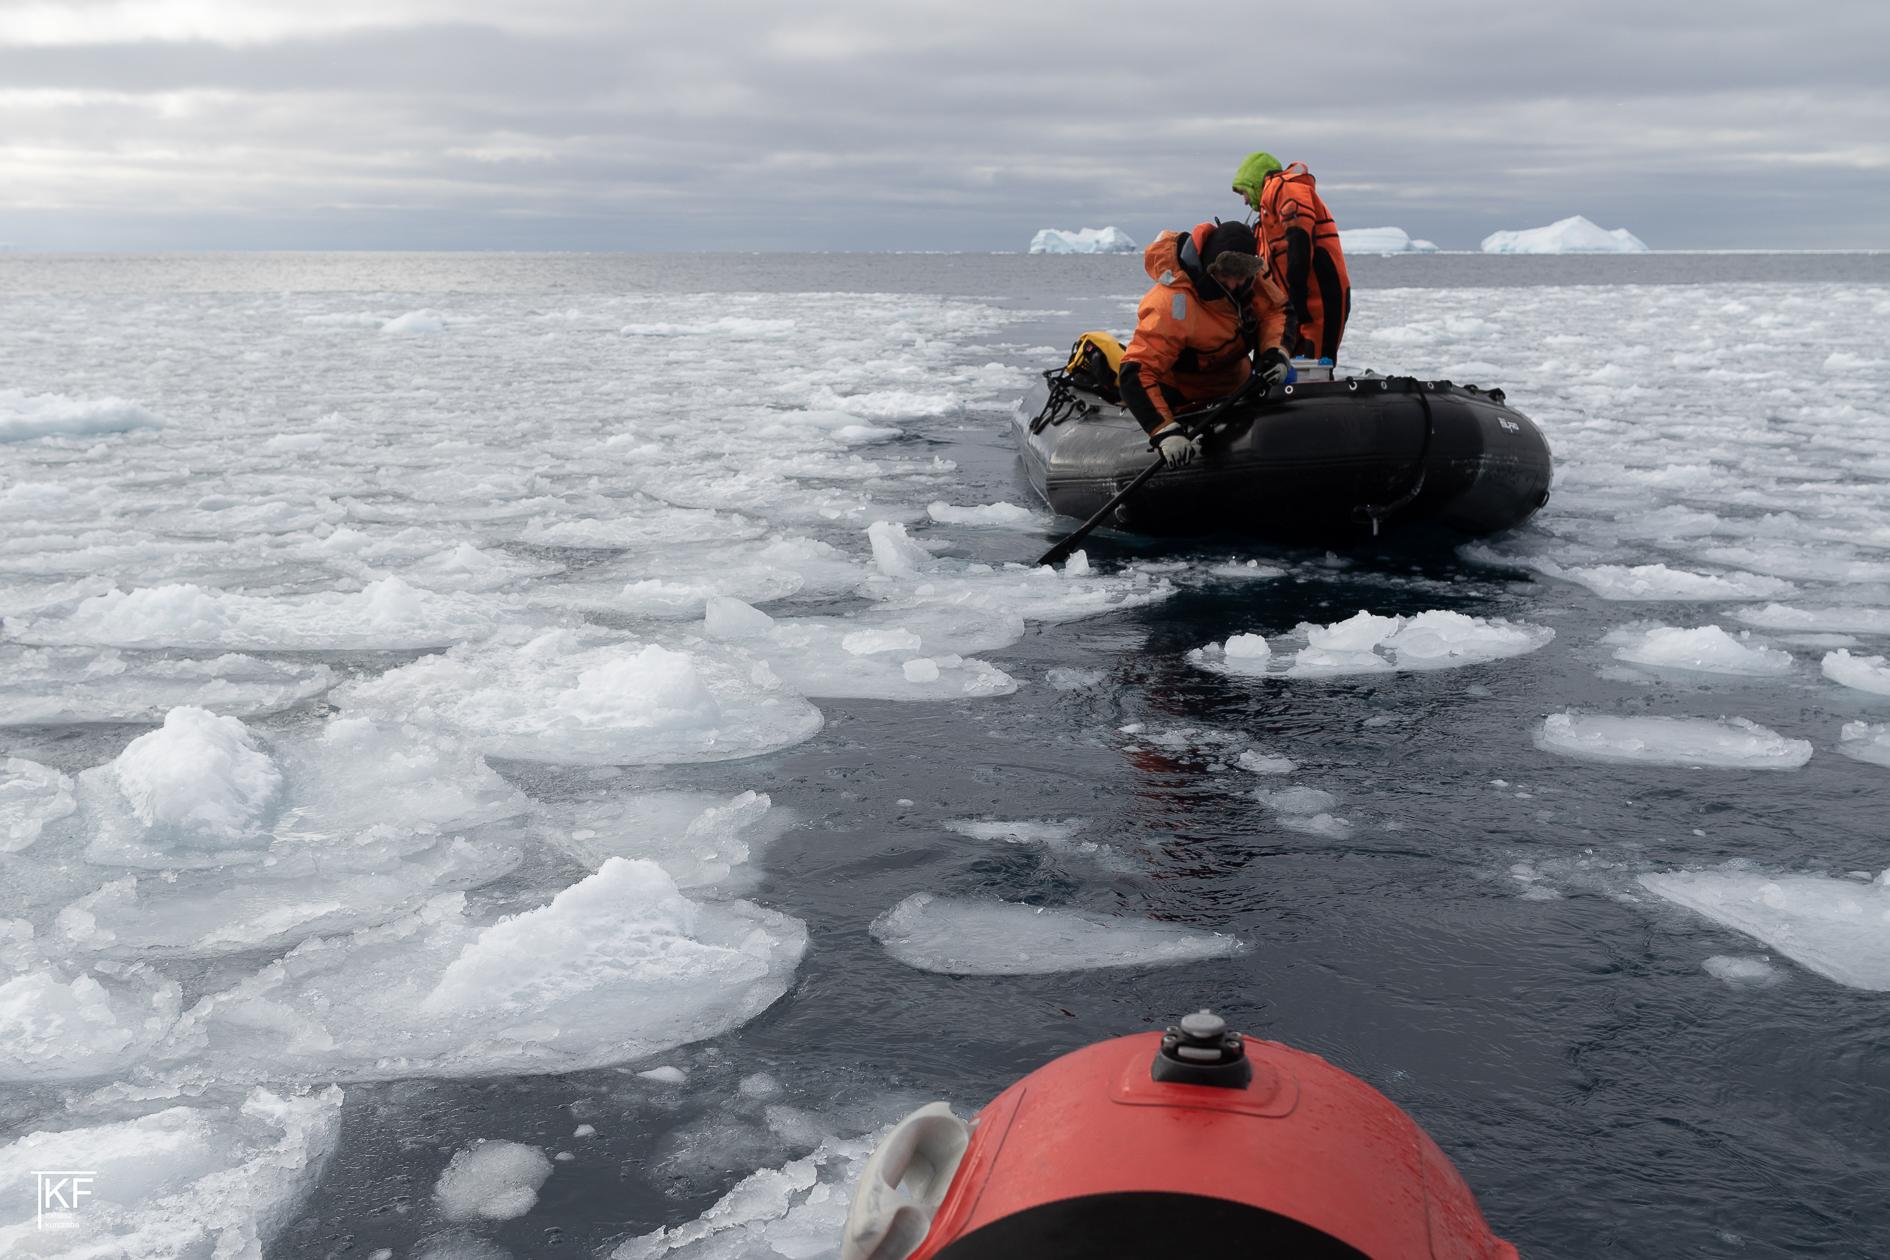 Na zdjęciu dwóch mężczyzn ubranych na czerwono i noszących kamizelki odblaskowe, płynących pontonem po częściowo zamarzniętej wodzie. Zdjęcie widziane z perspektywy osoby płynącej na pontonie za nimi. Autor Tomasz Kurczaba